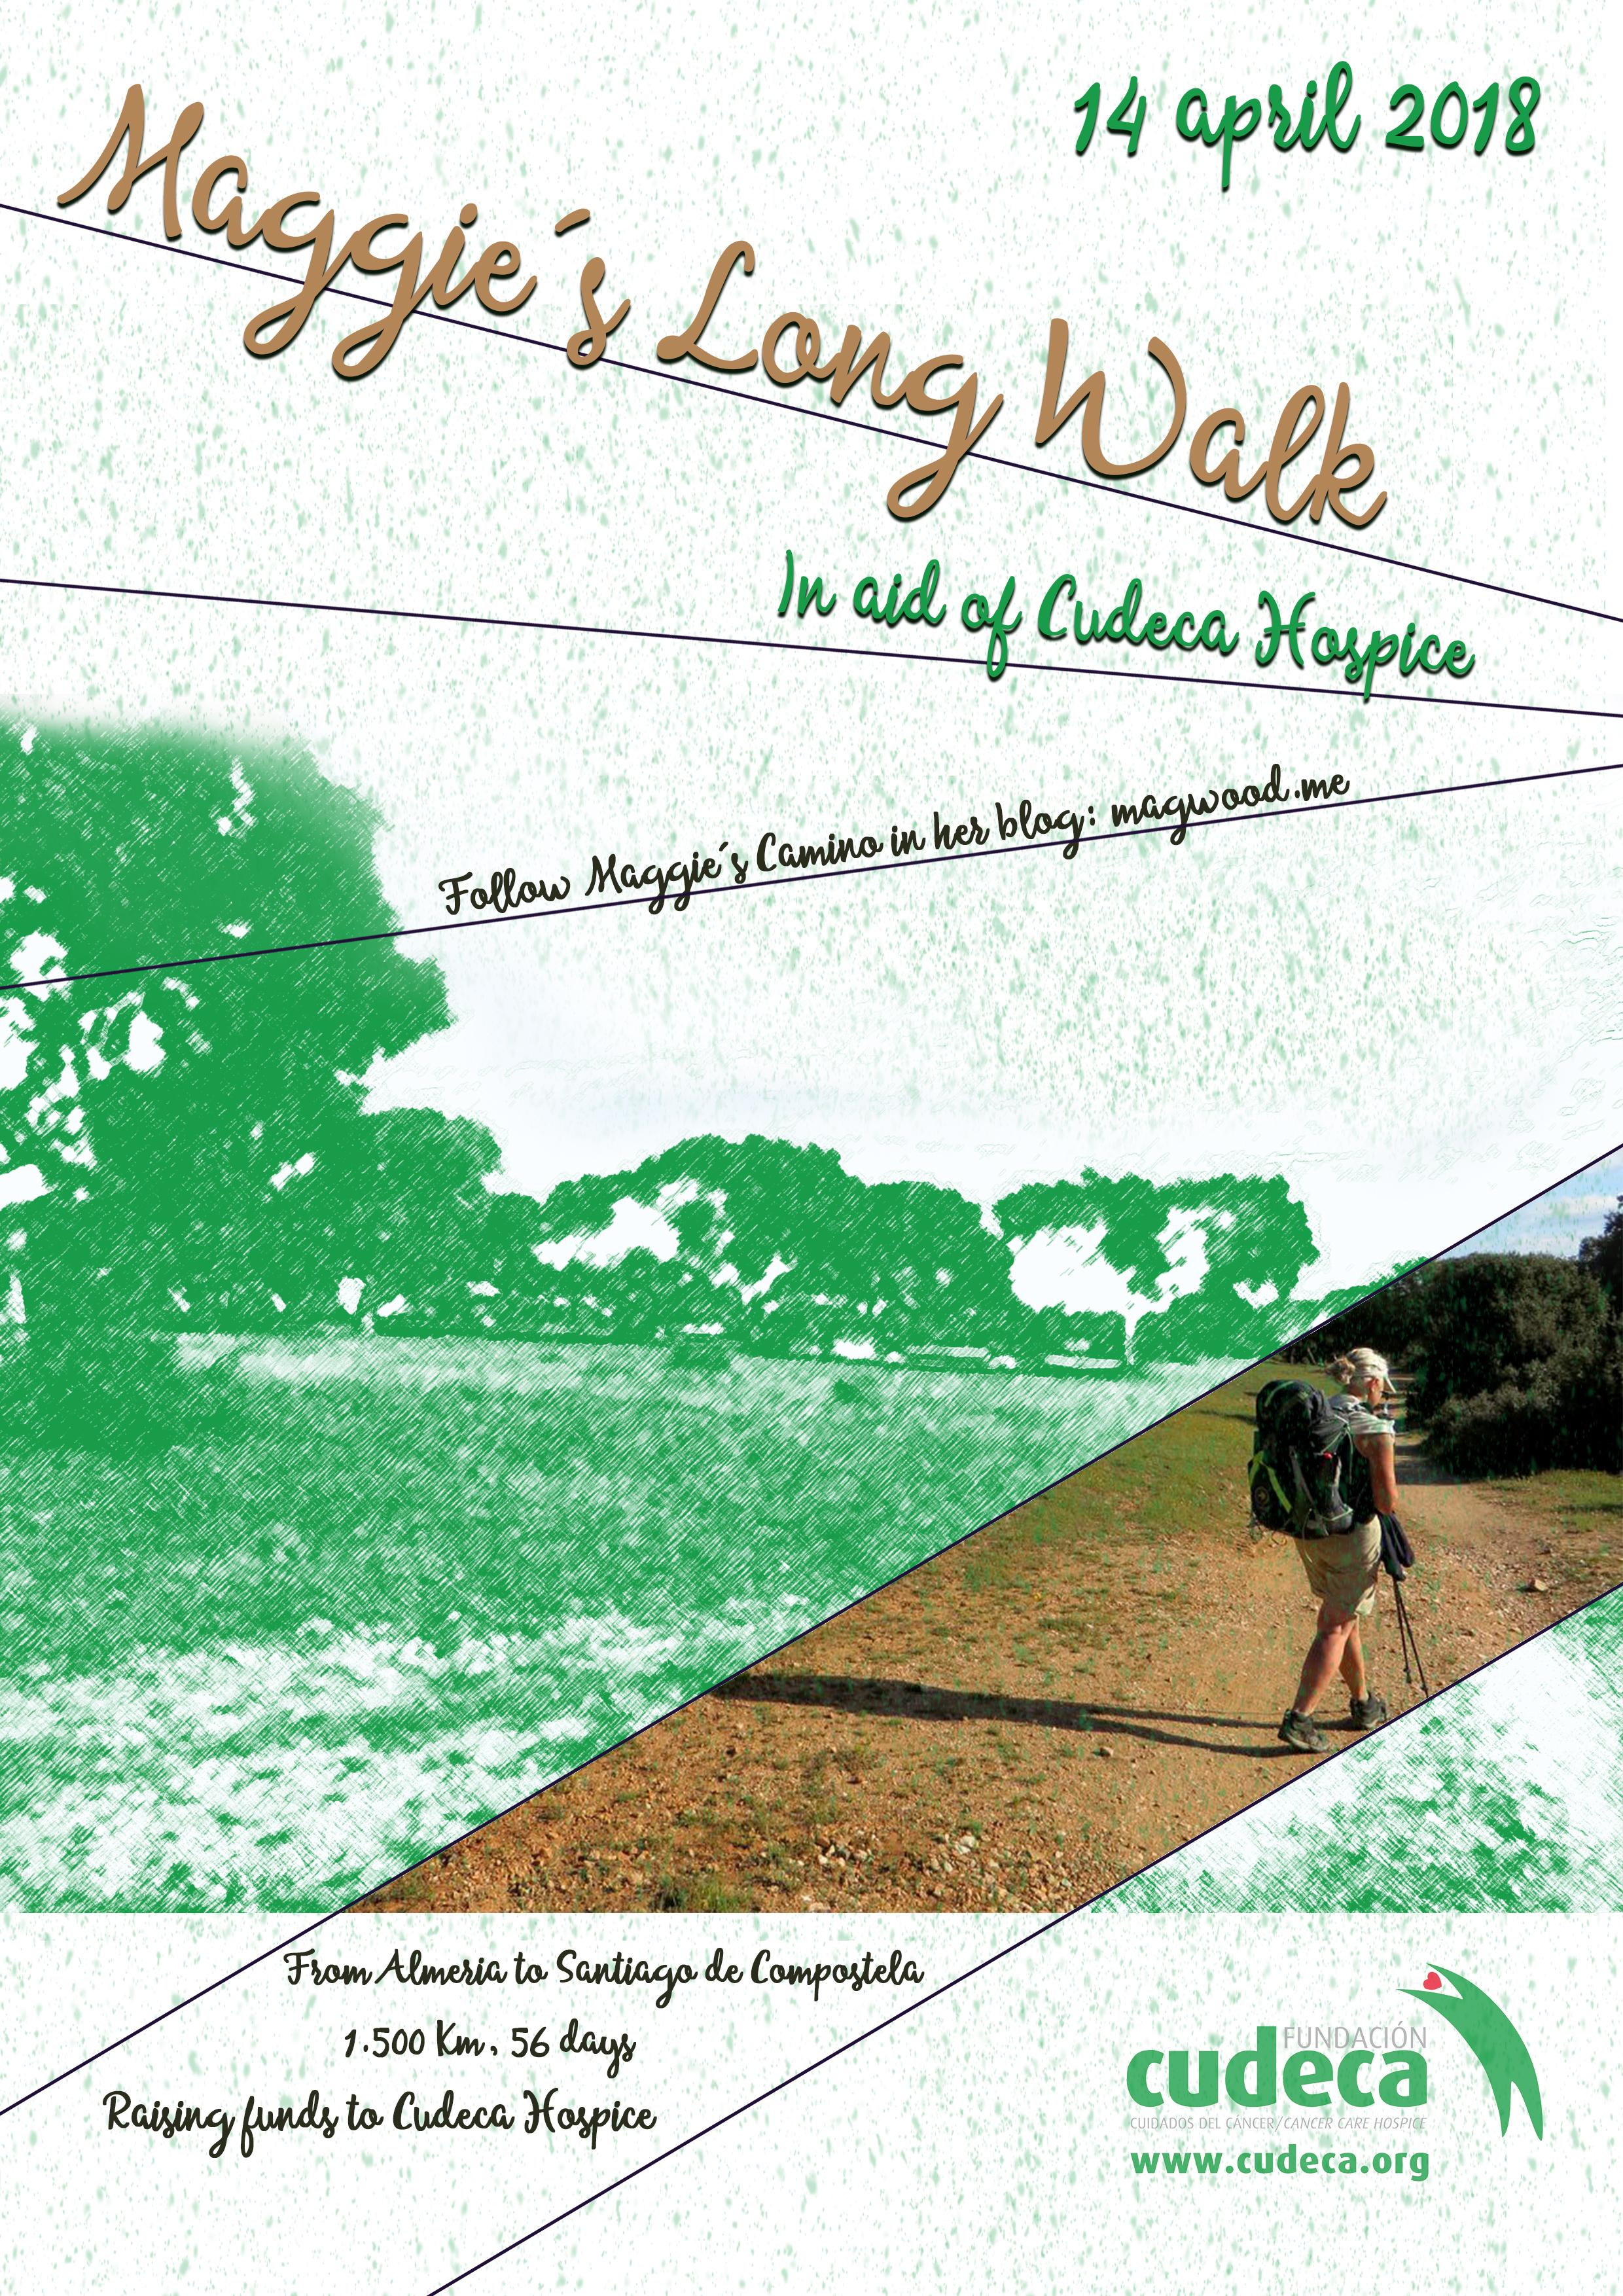 6º Reto de Maggie – Camino de Santiago por CUDECA